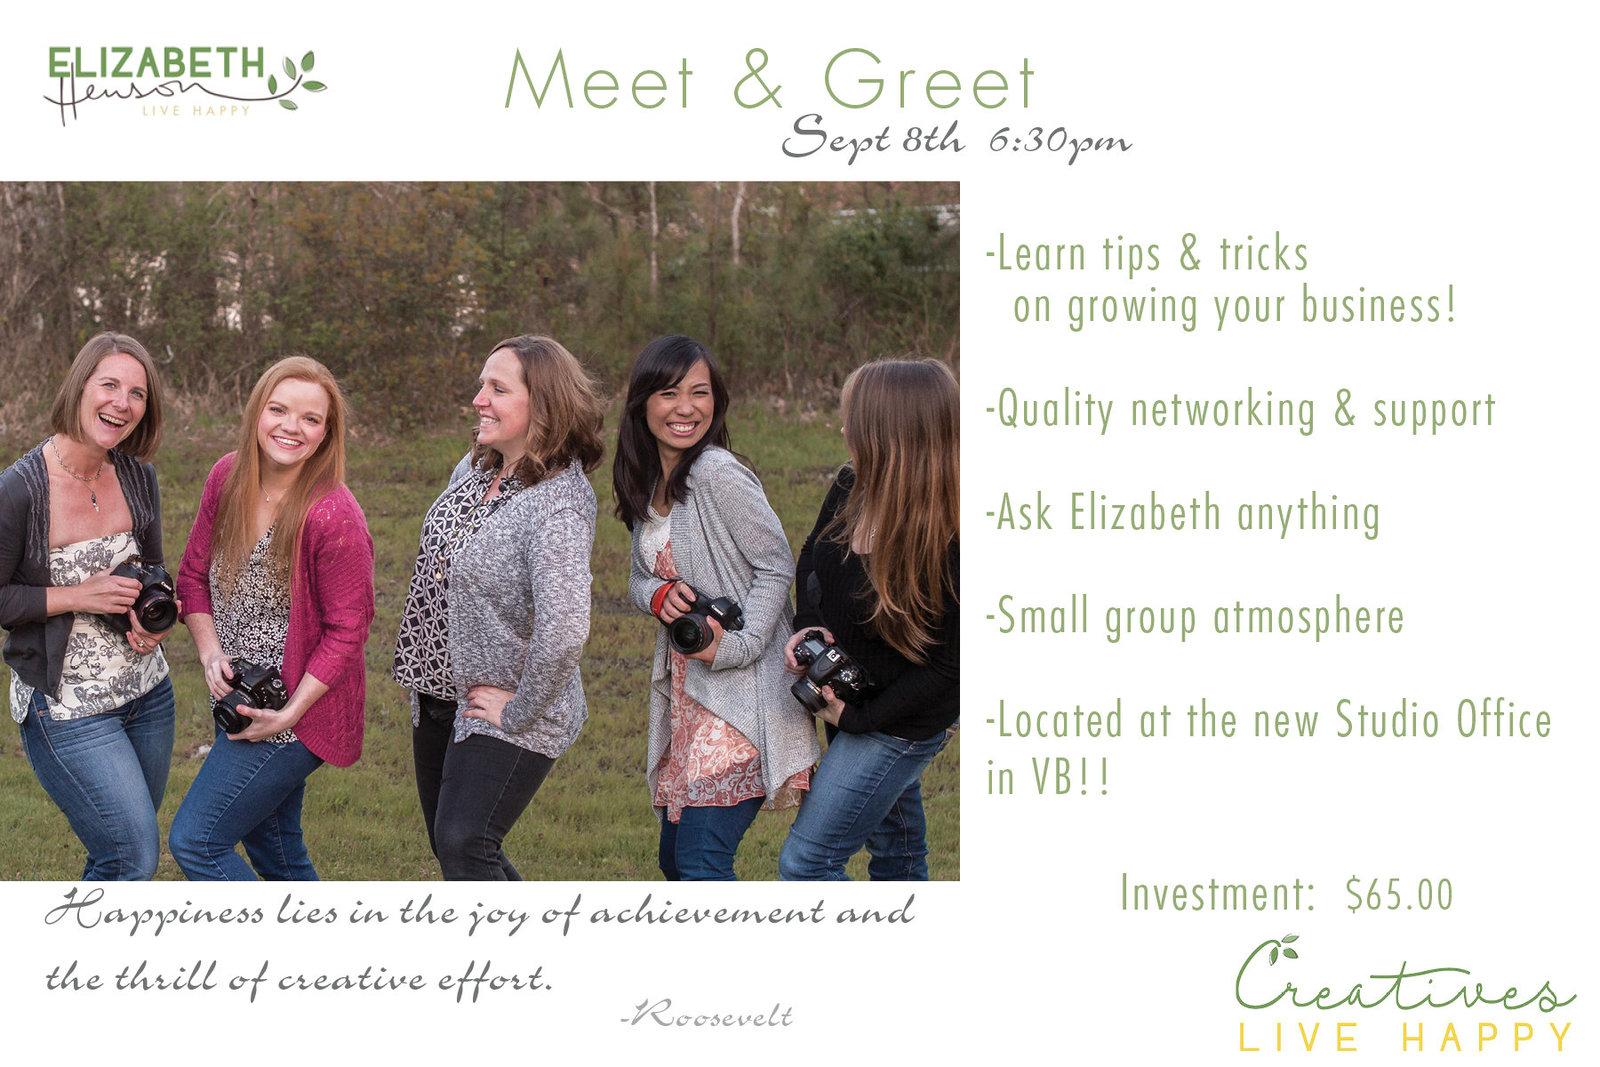 Meet&GreetSept